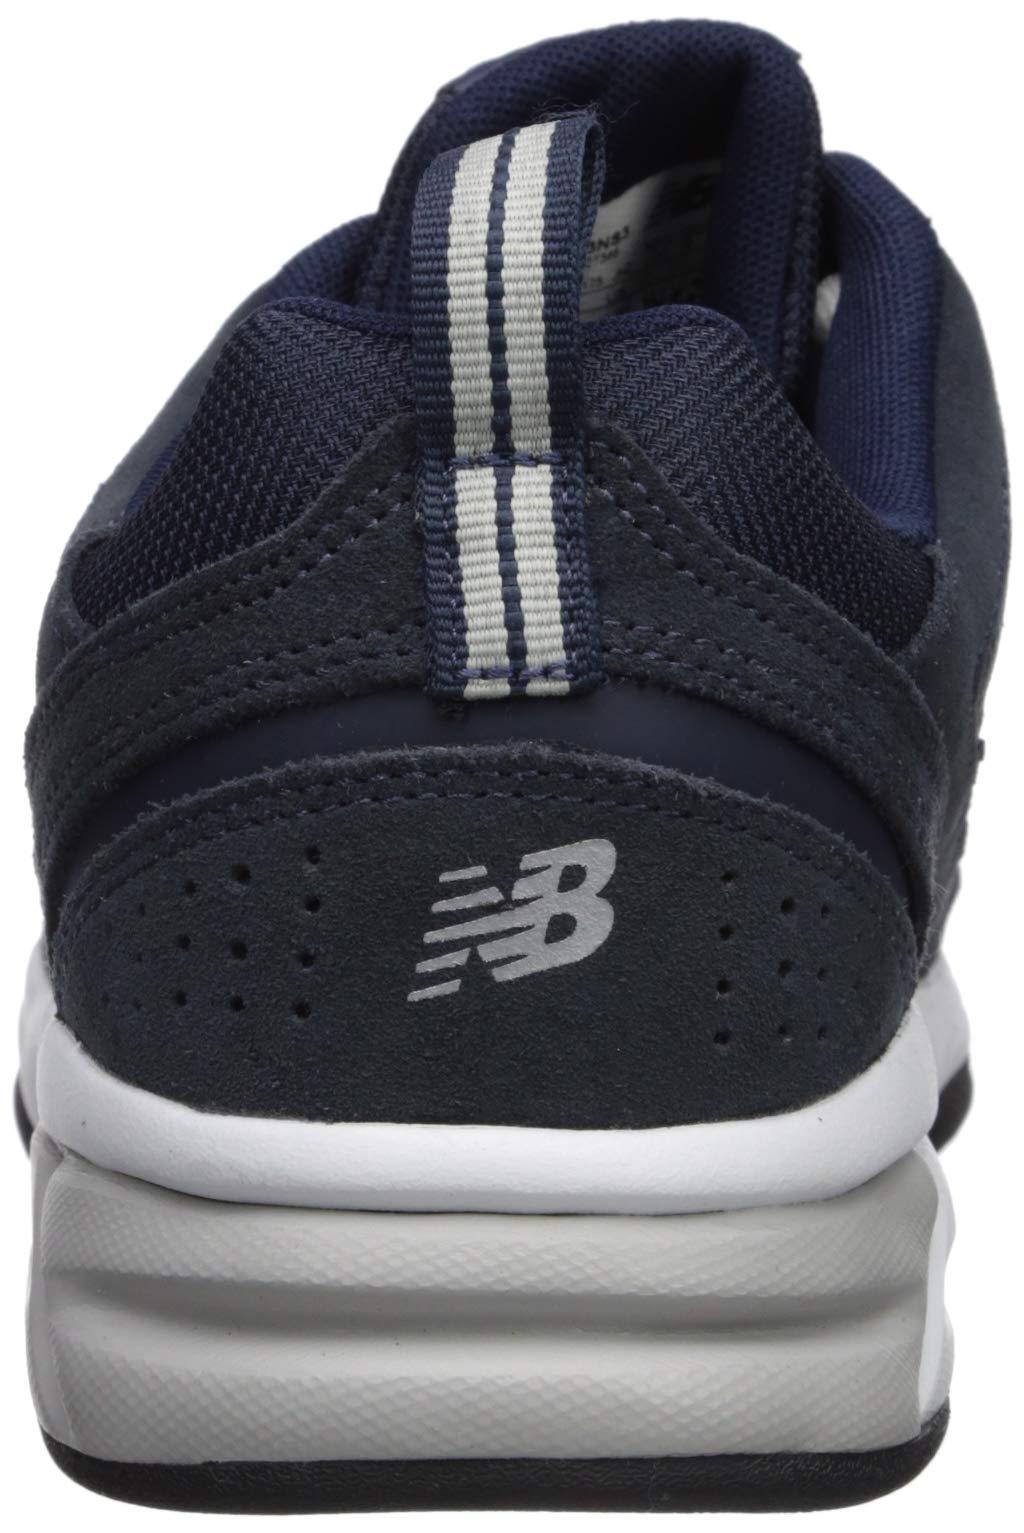 New Balance Men's MX623v3 Training Shoe, Navy, 7 W US by New Balance (Image #2)